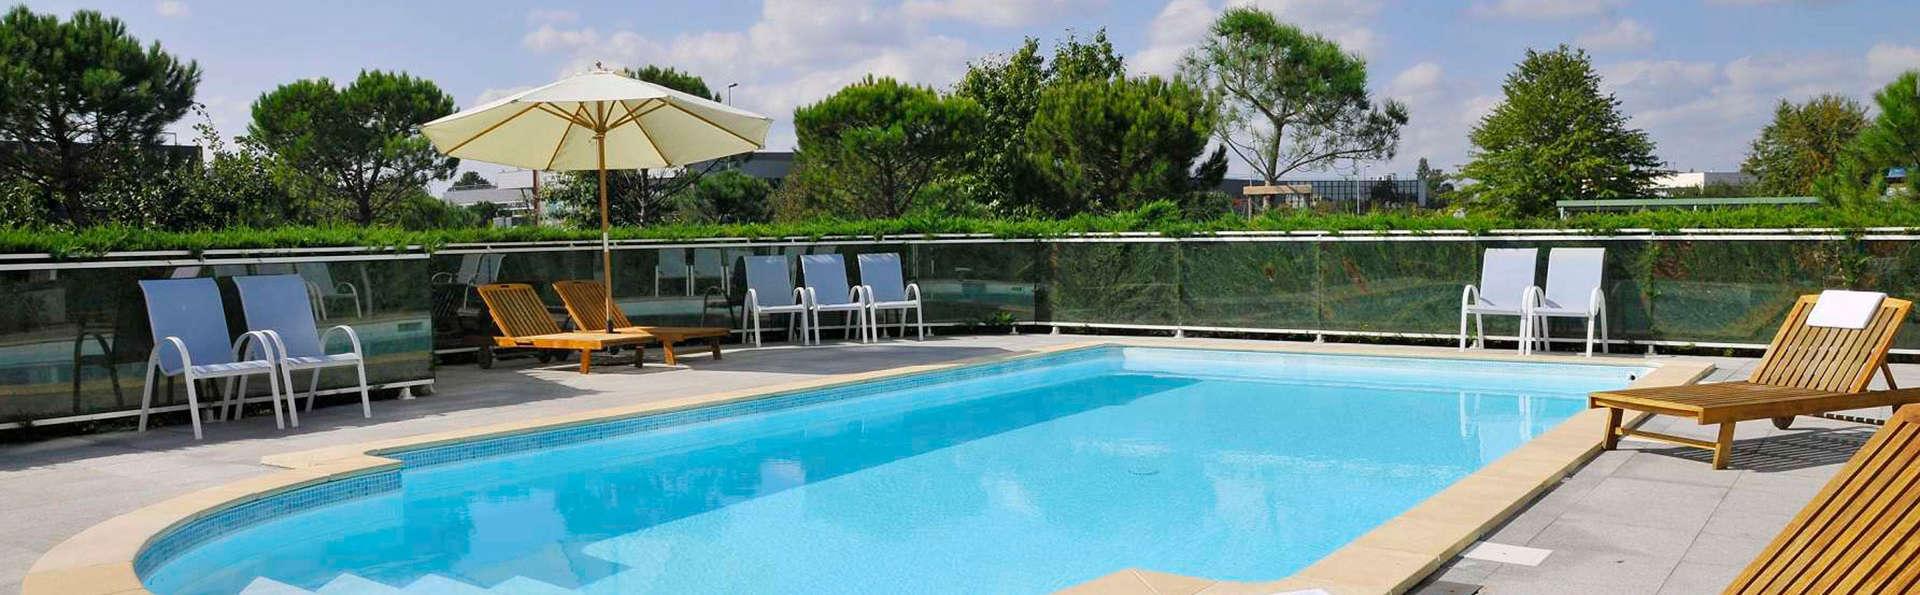 H tel quality suites bordeaux merignac h tel de charme for Bordeaux hotel de charme